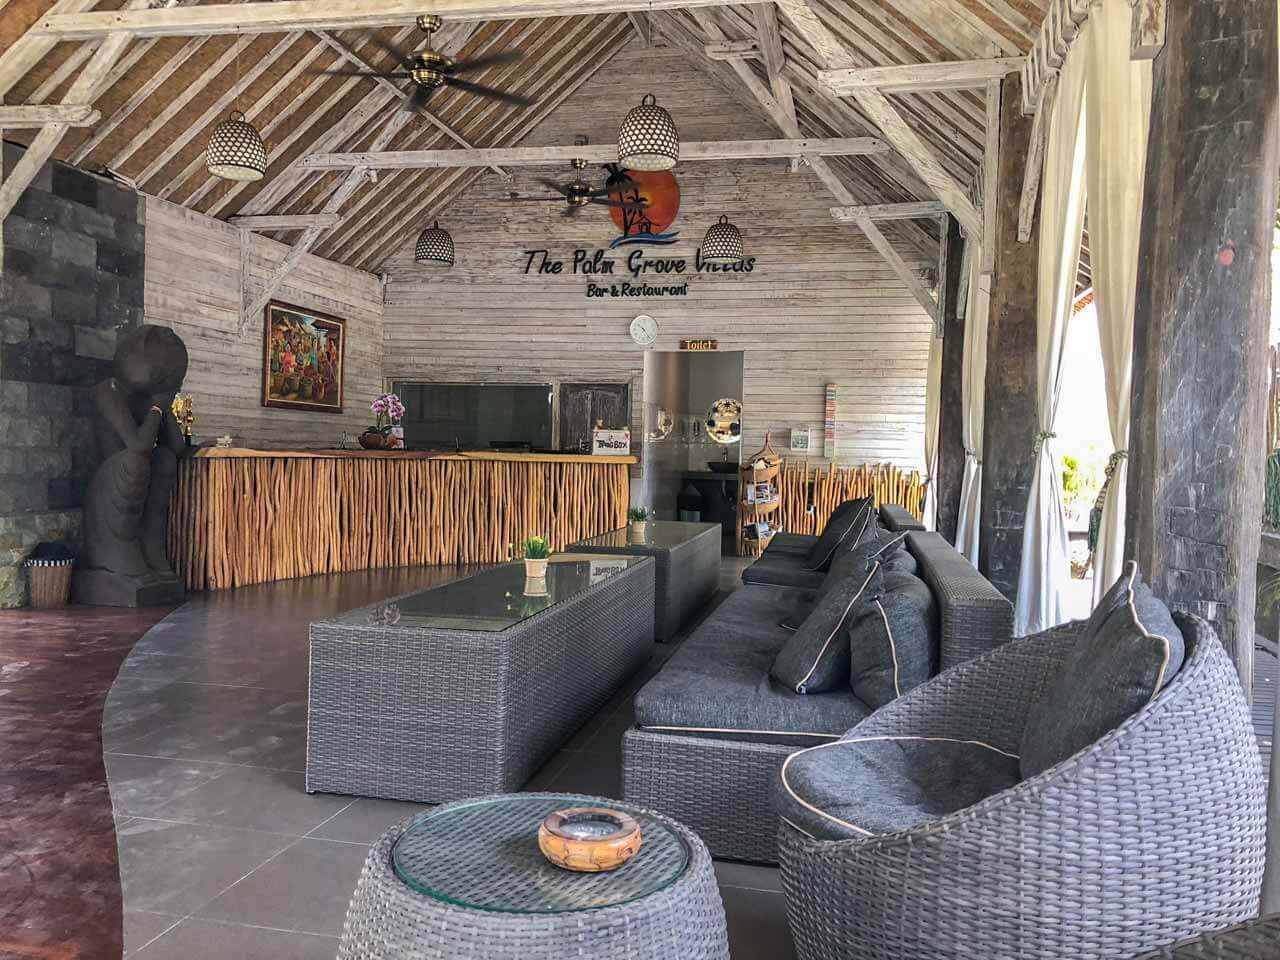 Recepção do The Palm Grove Villas